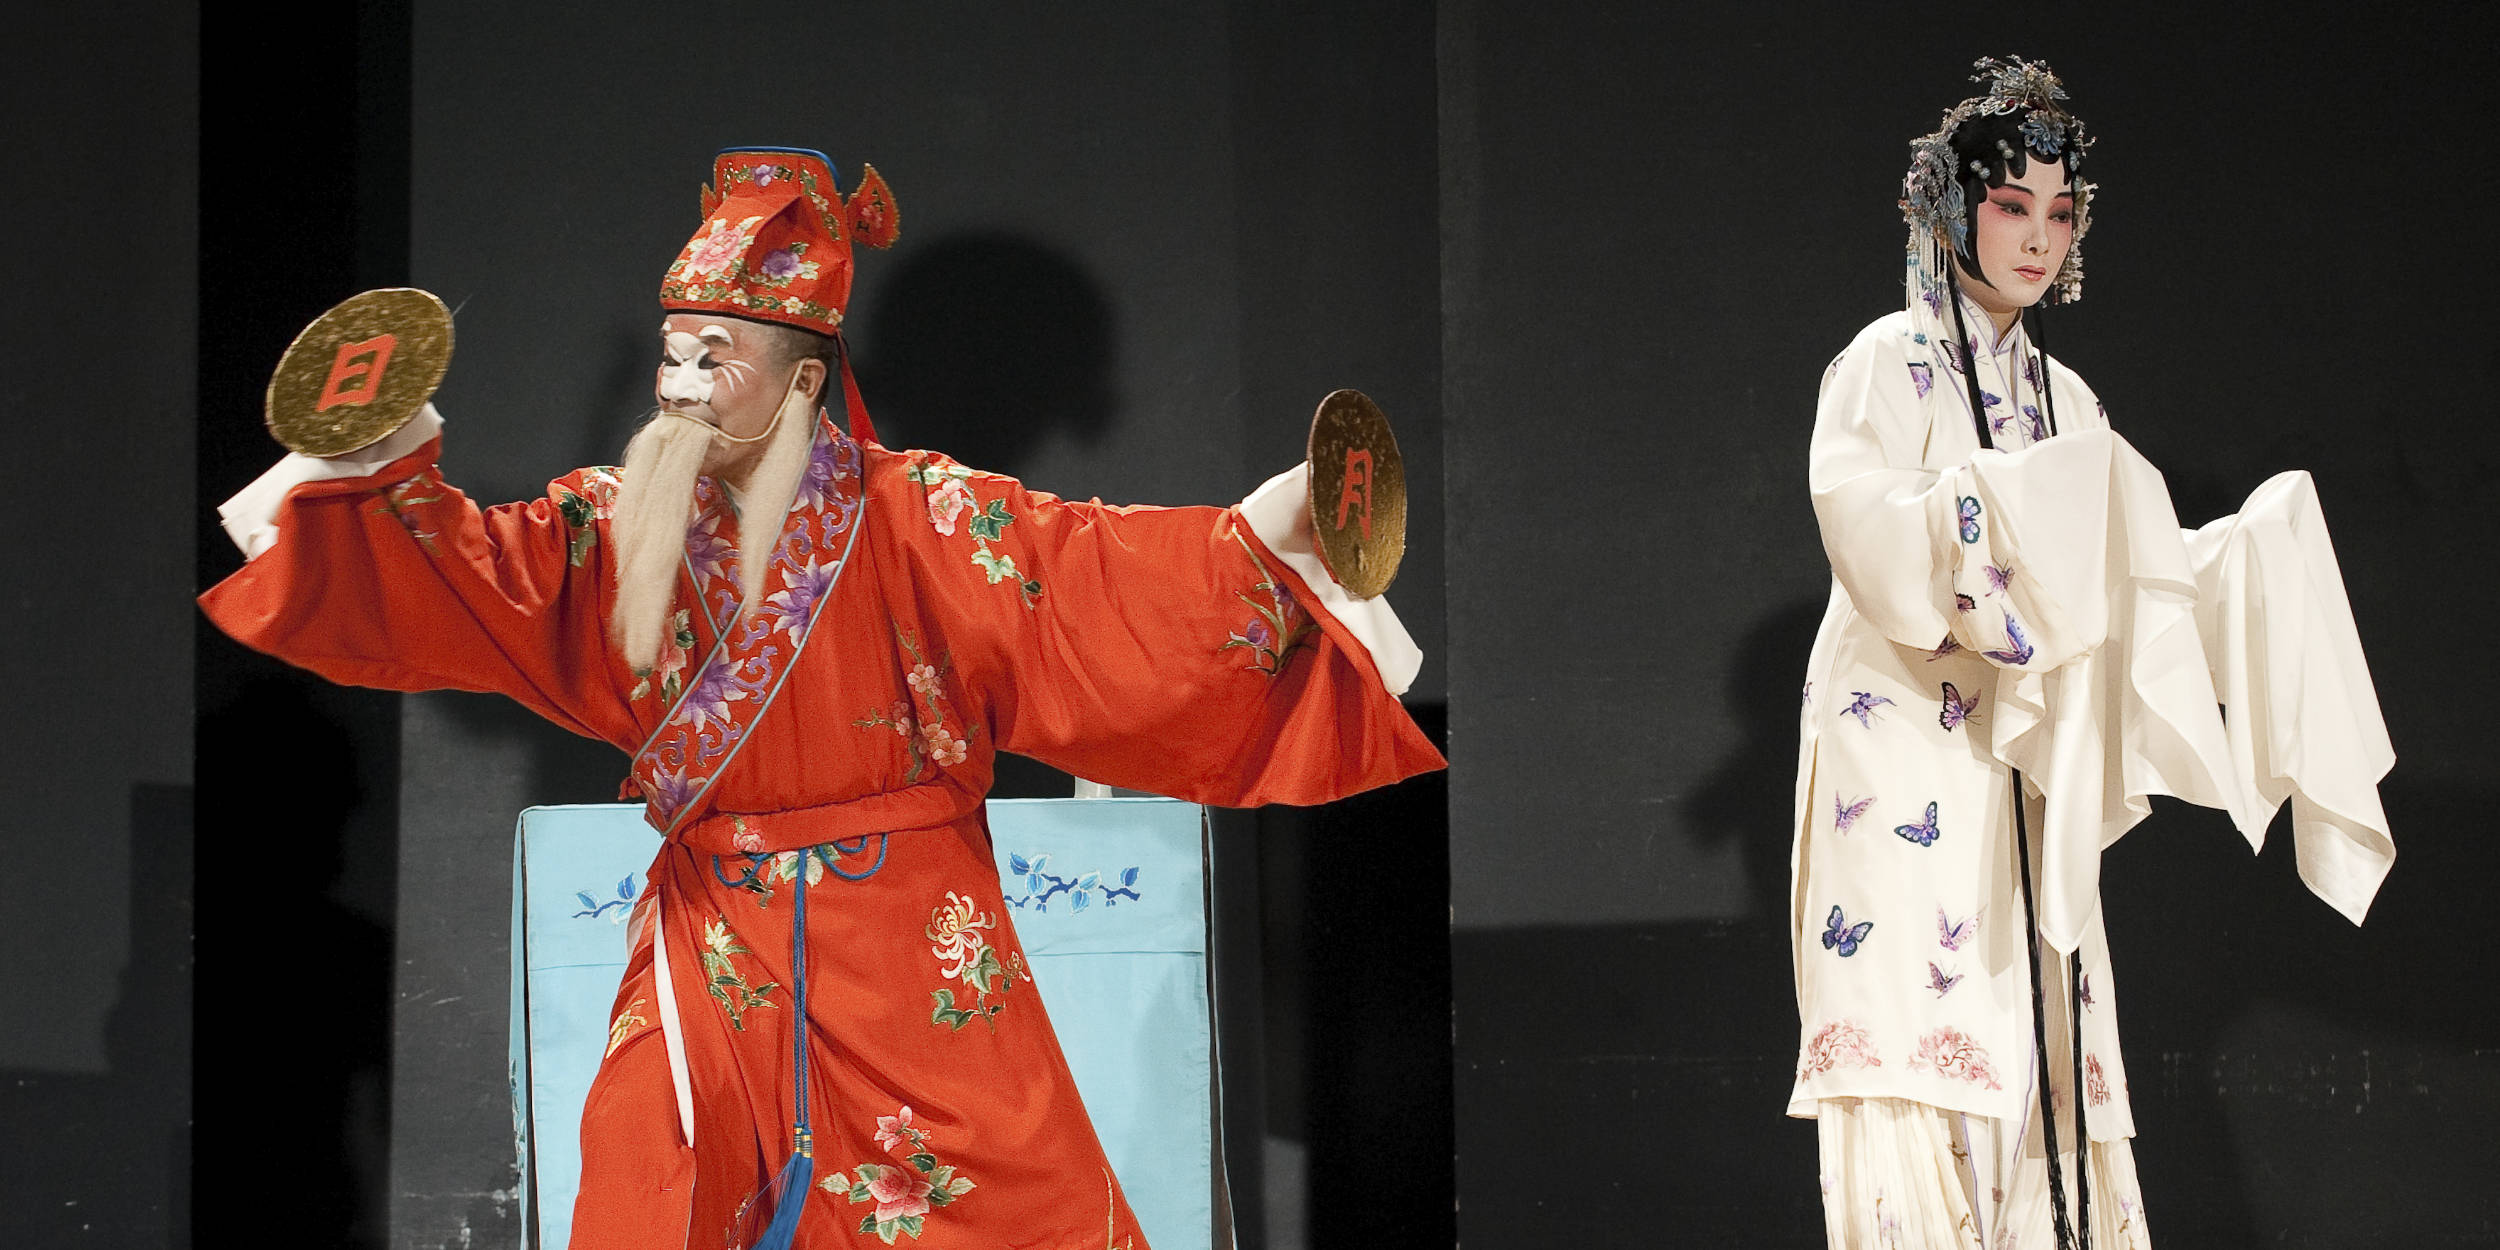 Eventfotografie Stuttgart und Umgebung Floating Dreams Chinesische Oper Liederhalle Stuttgart